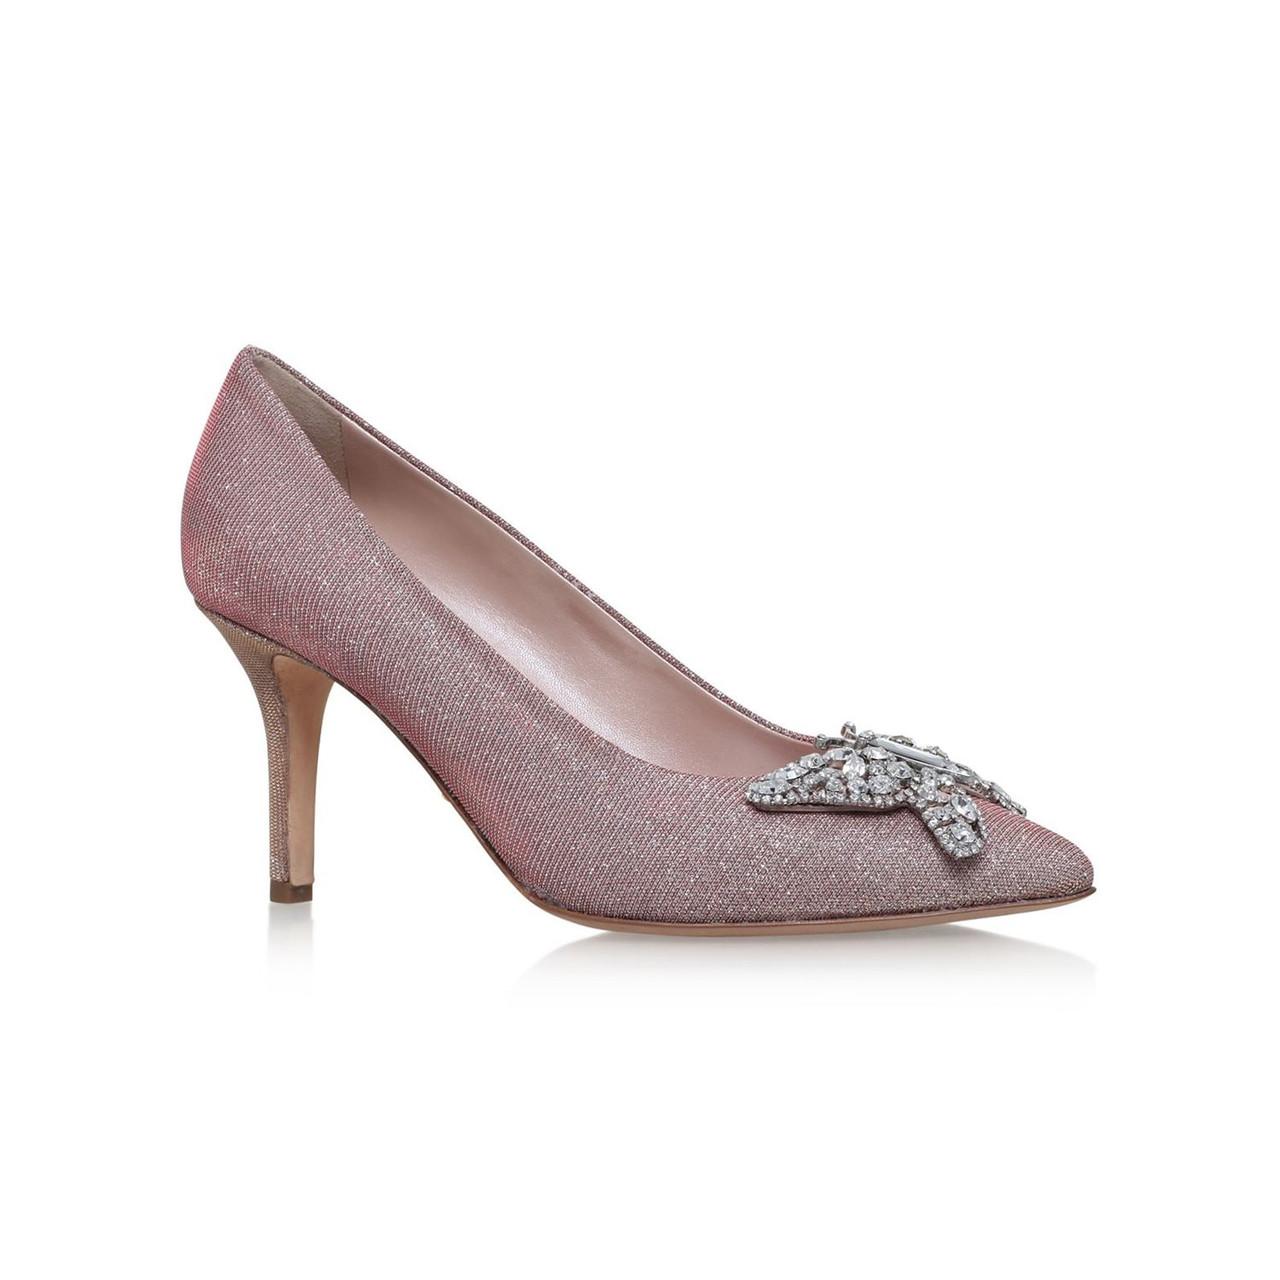 Emilia Farfalla Stiletto Pink Notturno